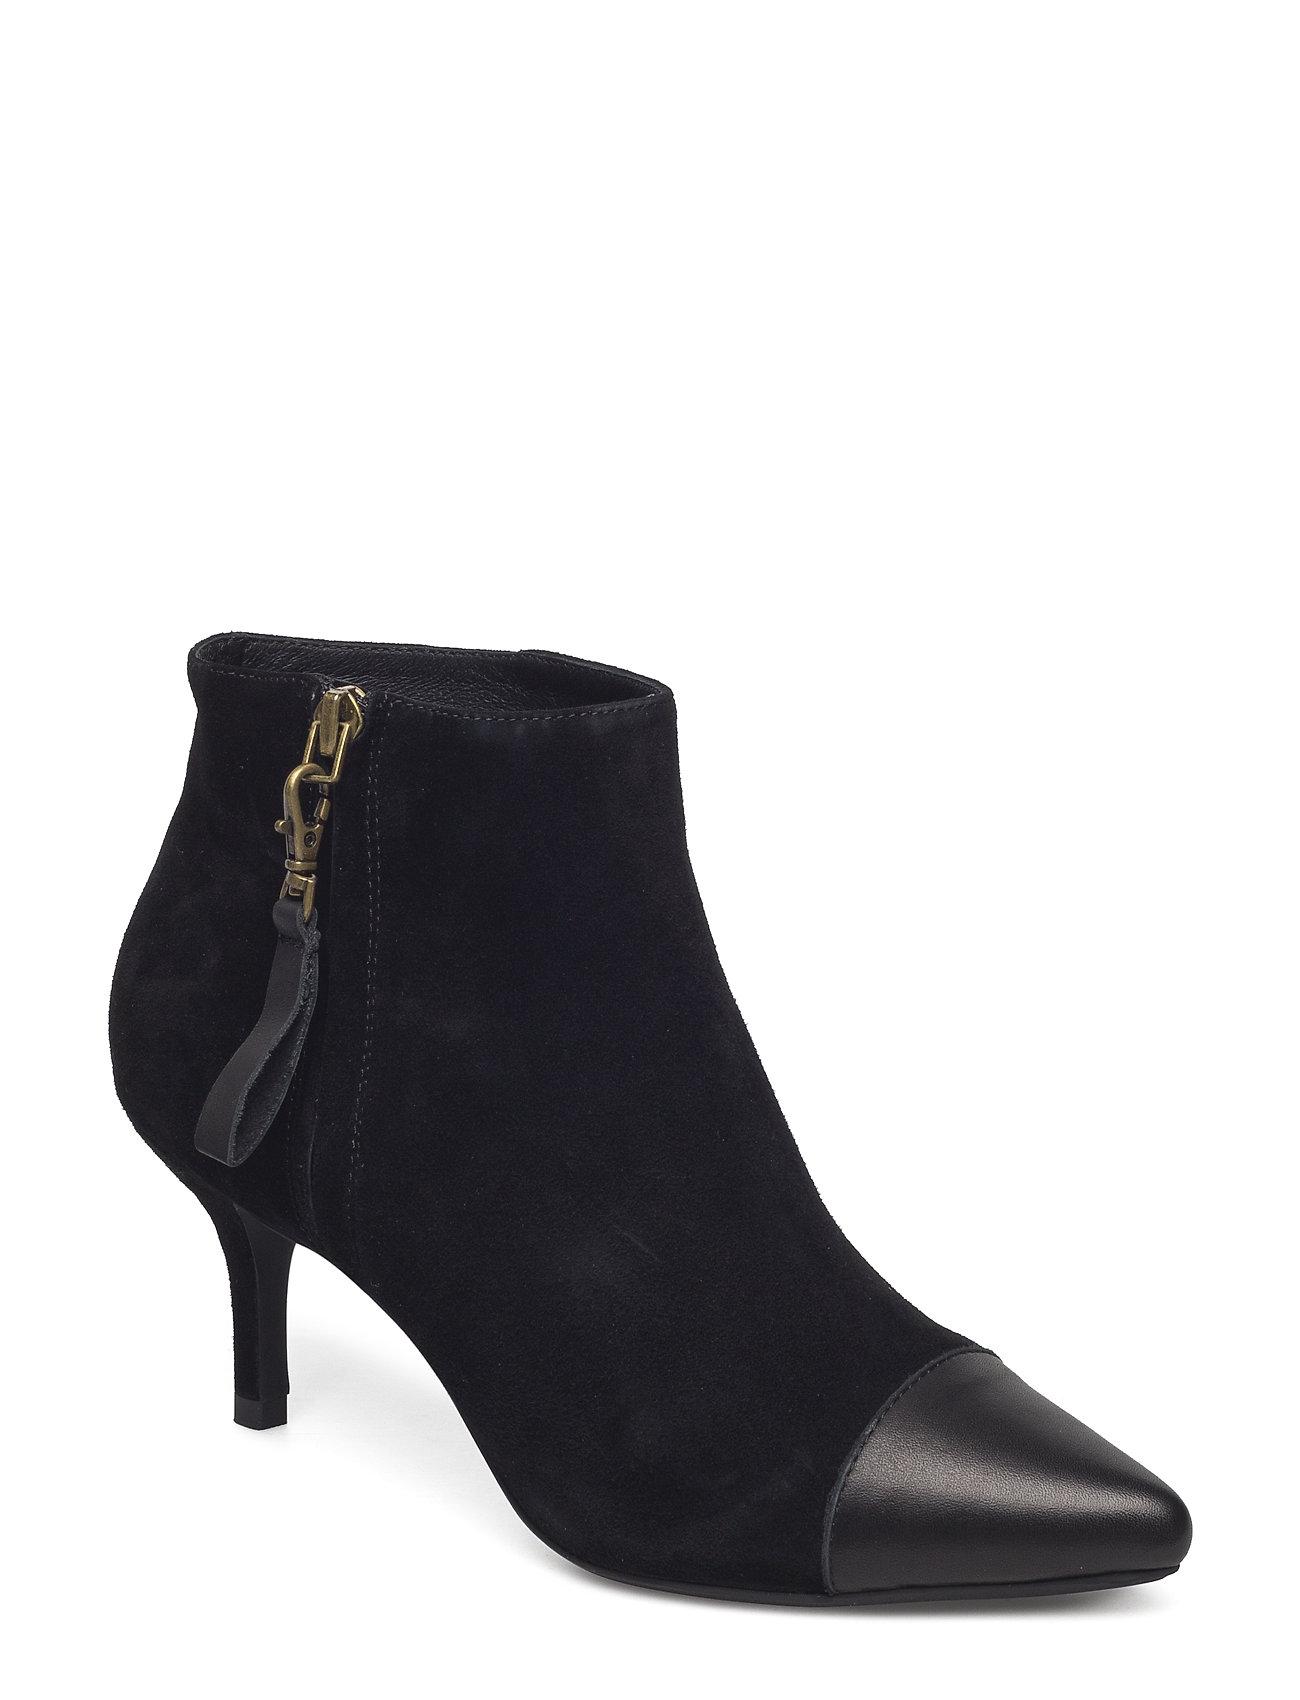 Shoe The Bear AGNETE MIX - BLACK